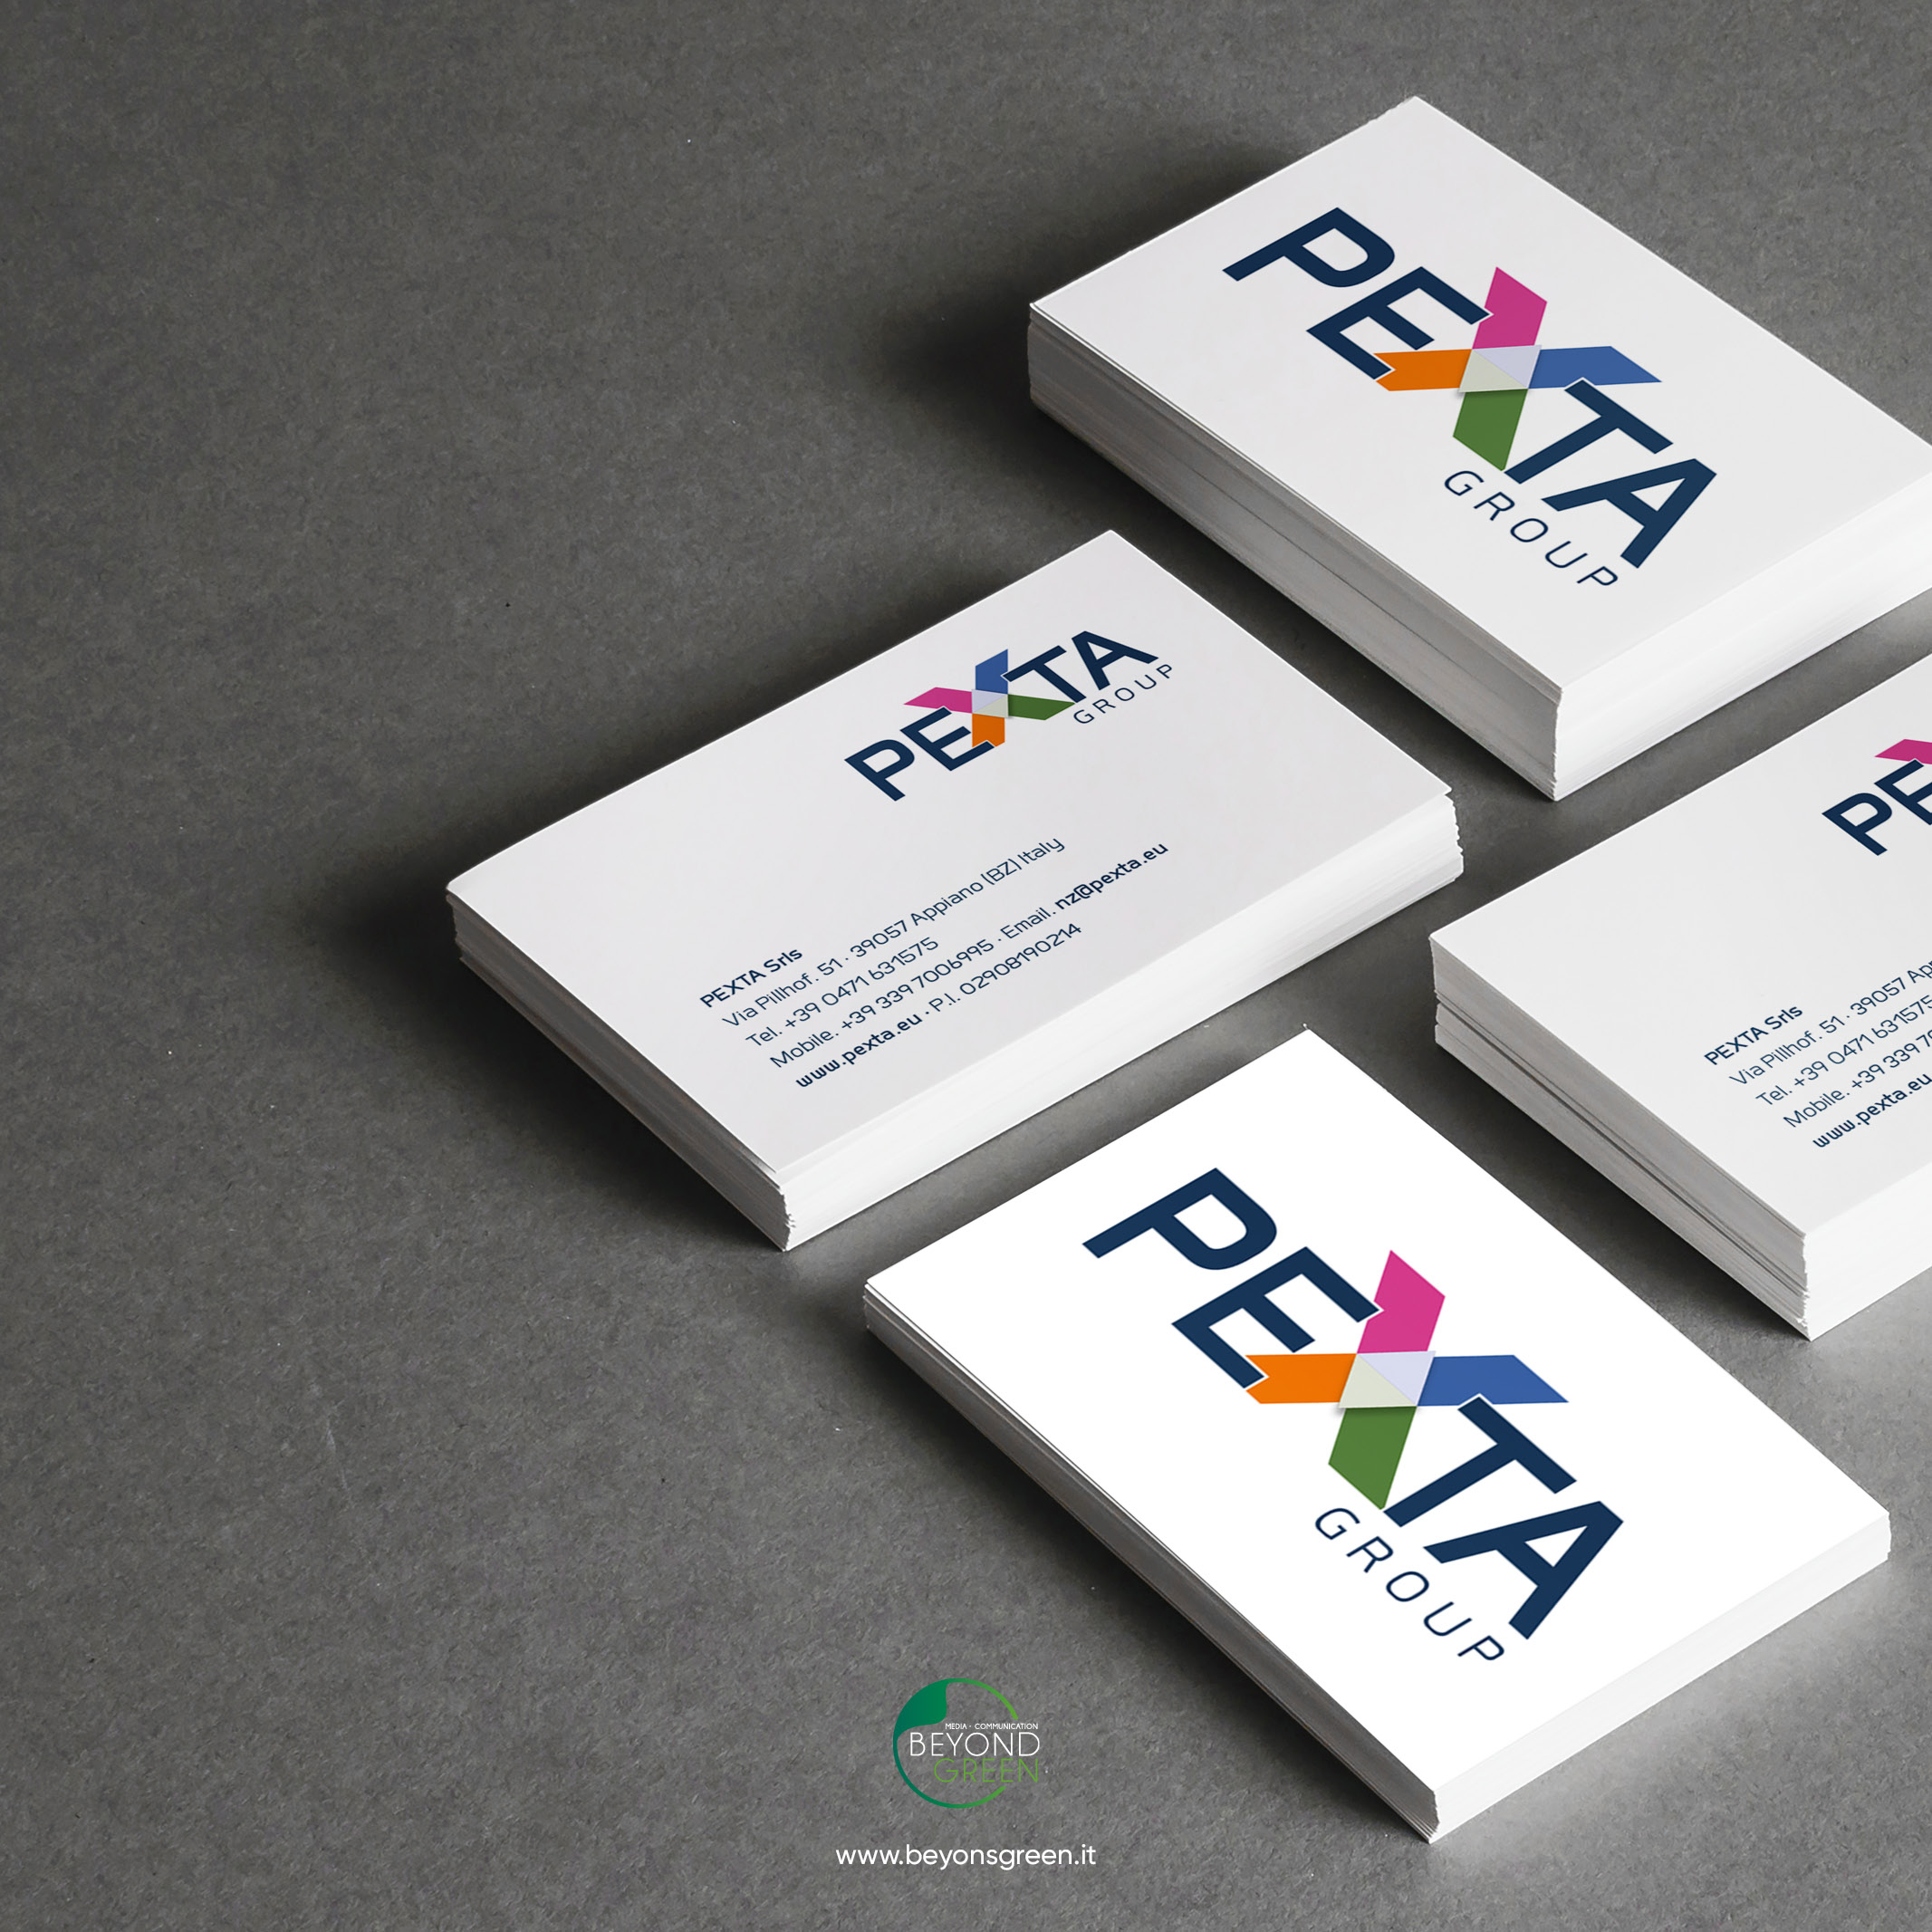 PEXTA_1.jpg